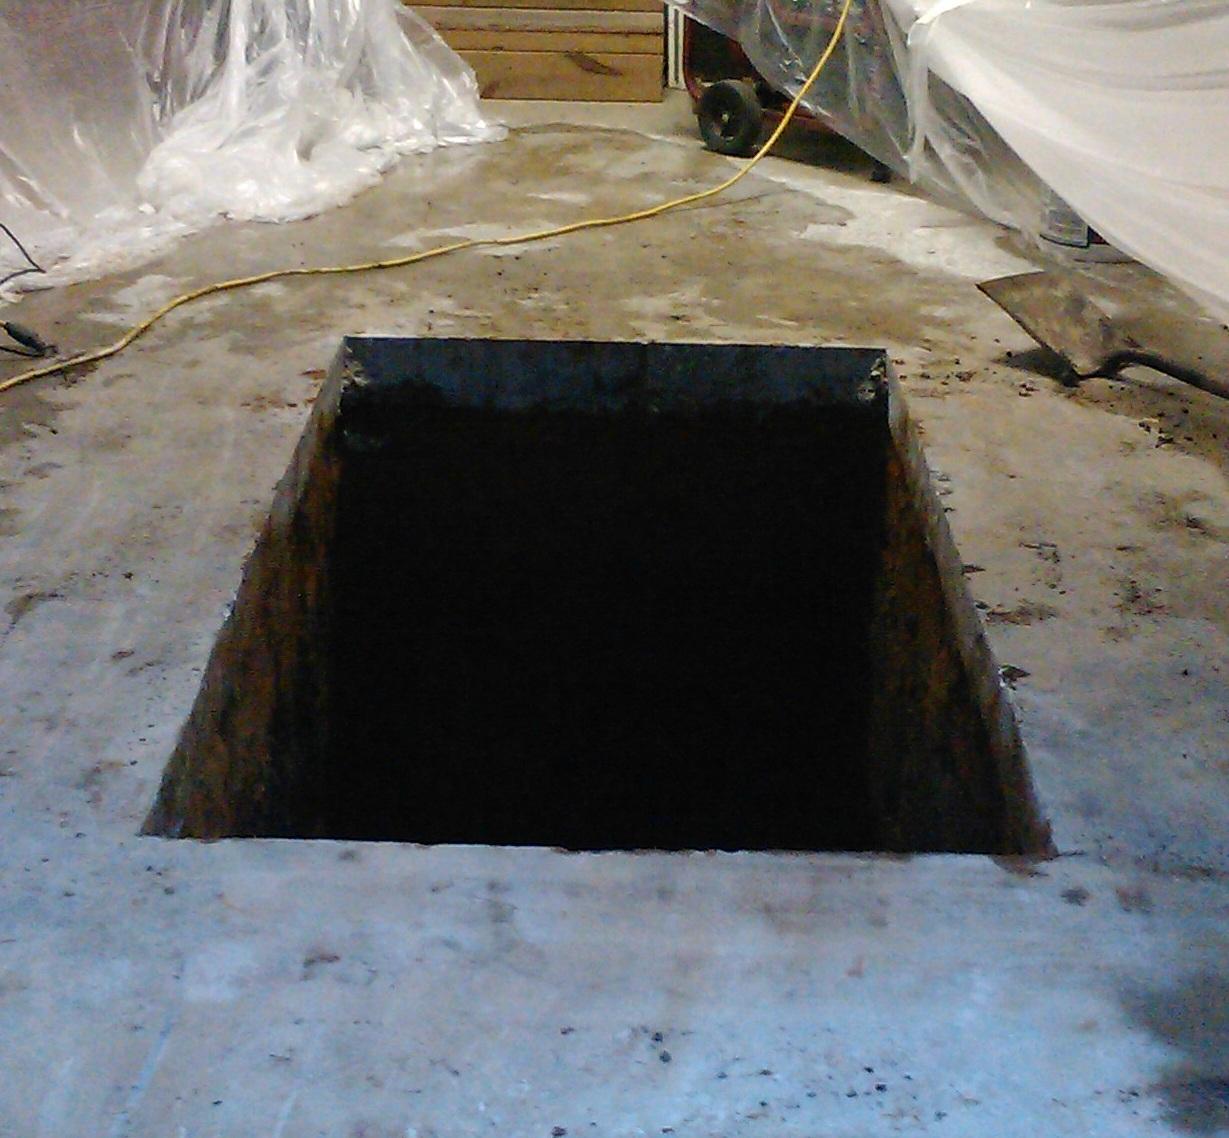 Garage Storm Shelters : Danny s notes garage storm shelter